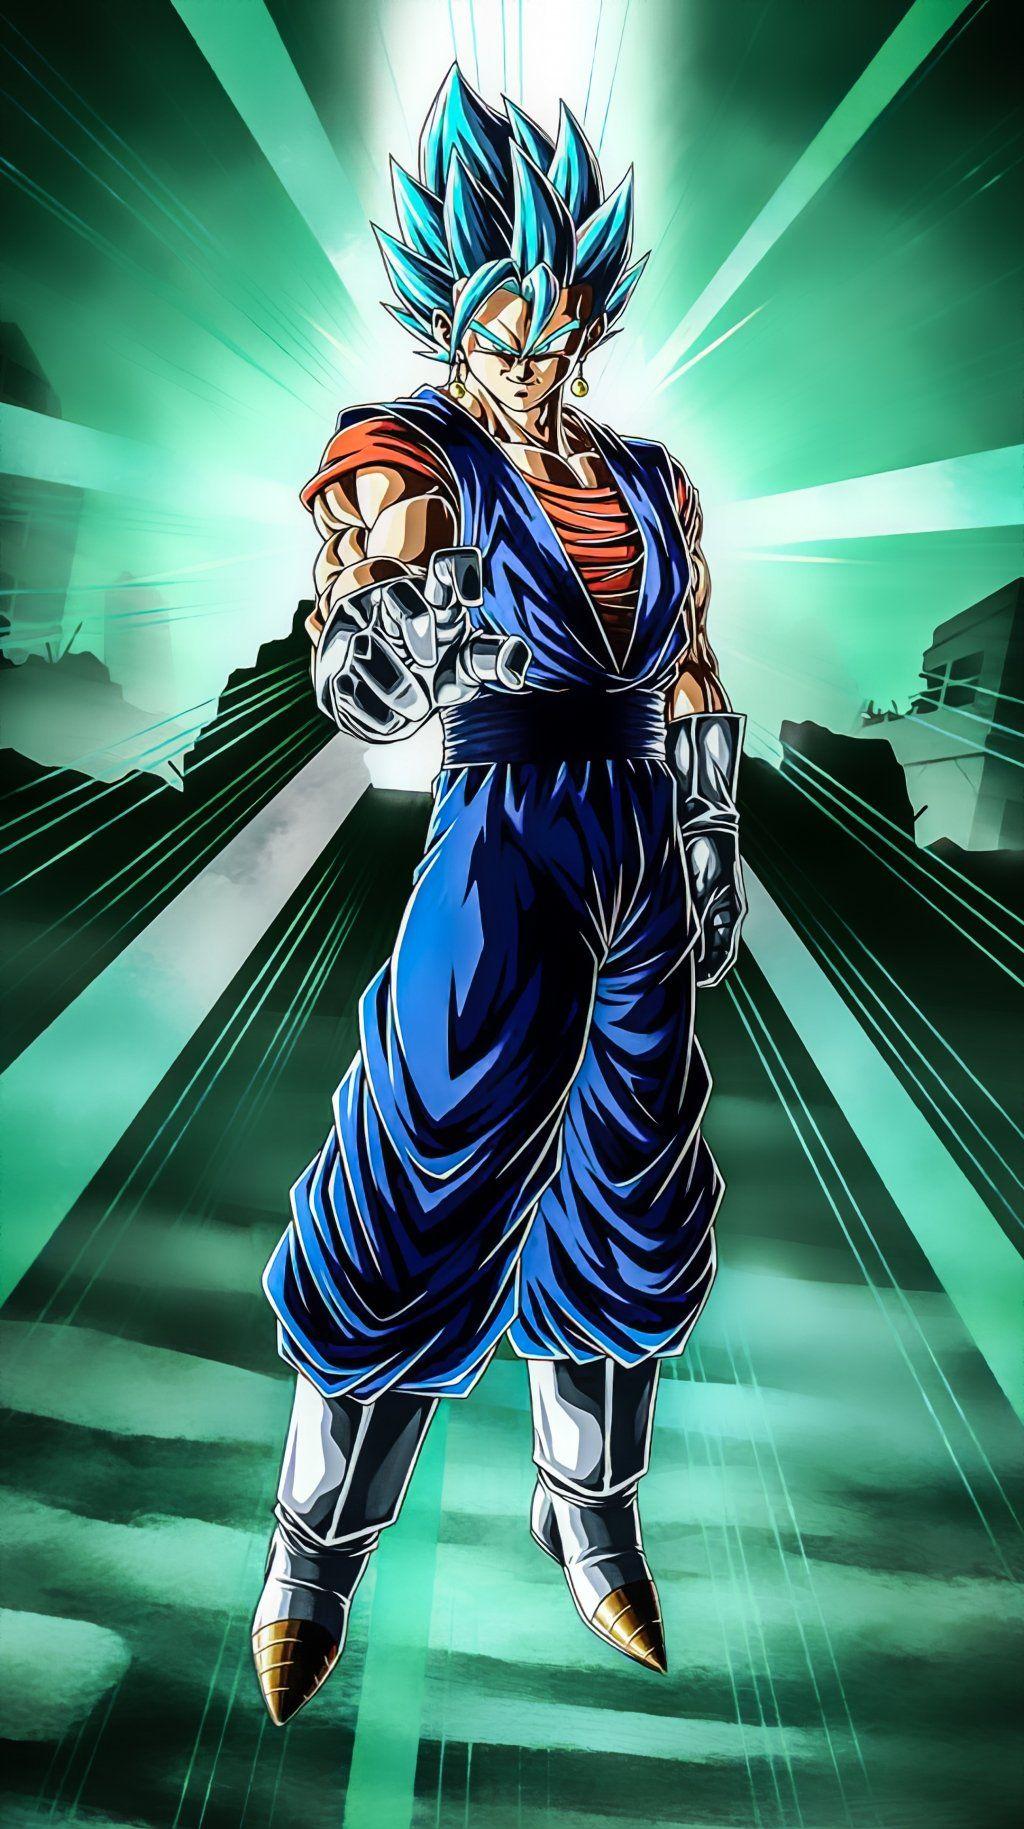 Top 8 Dbz Super Vegetto 4k Vertical Wallpapers Dragon Ball Super Manga Anime Dragon Ball Super Dragon Ball Super Goku